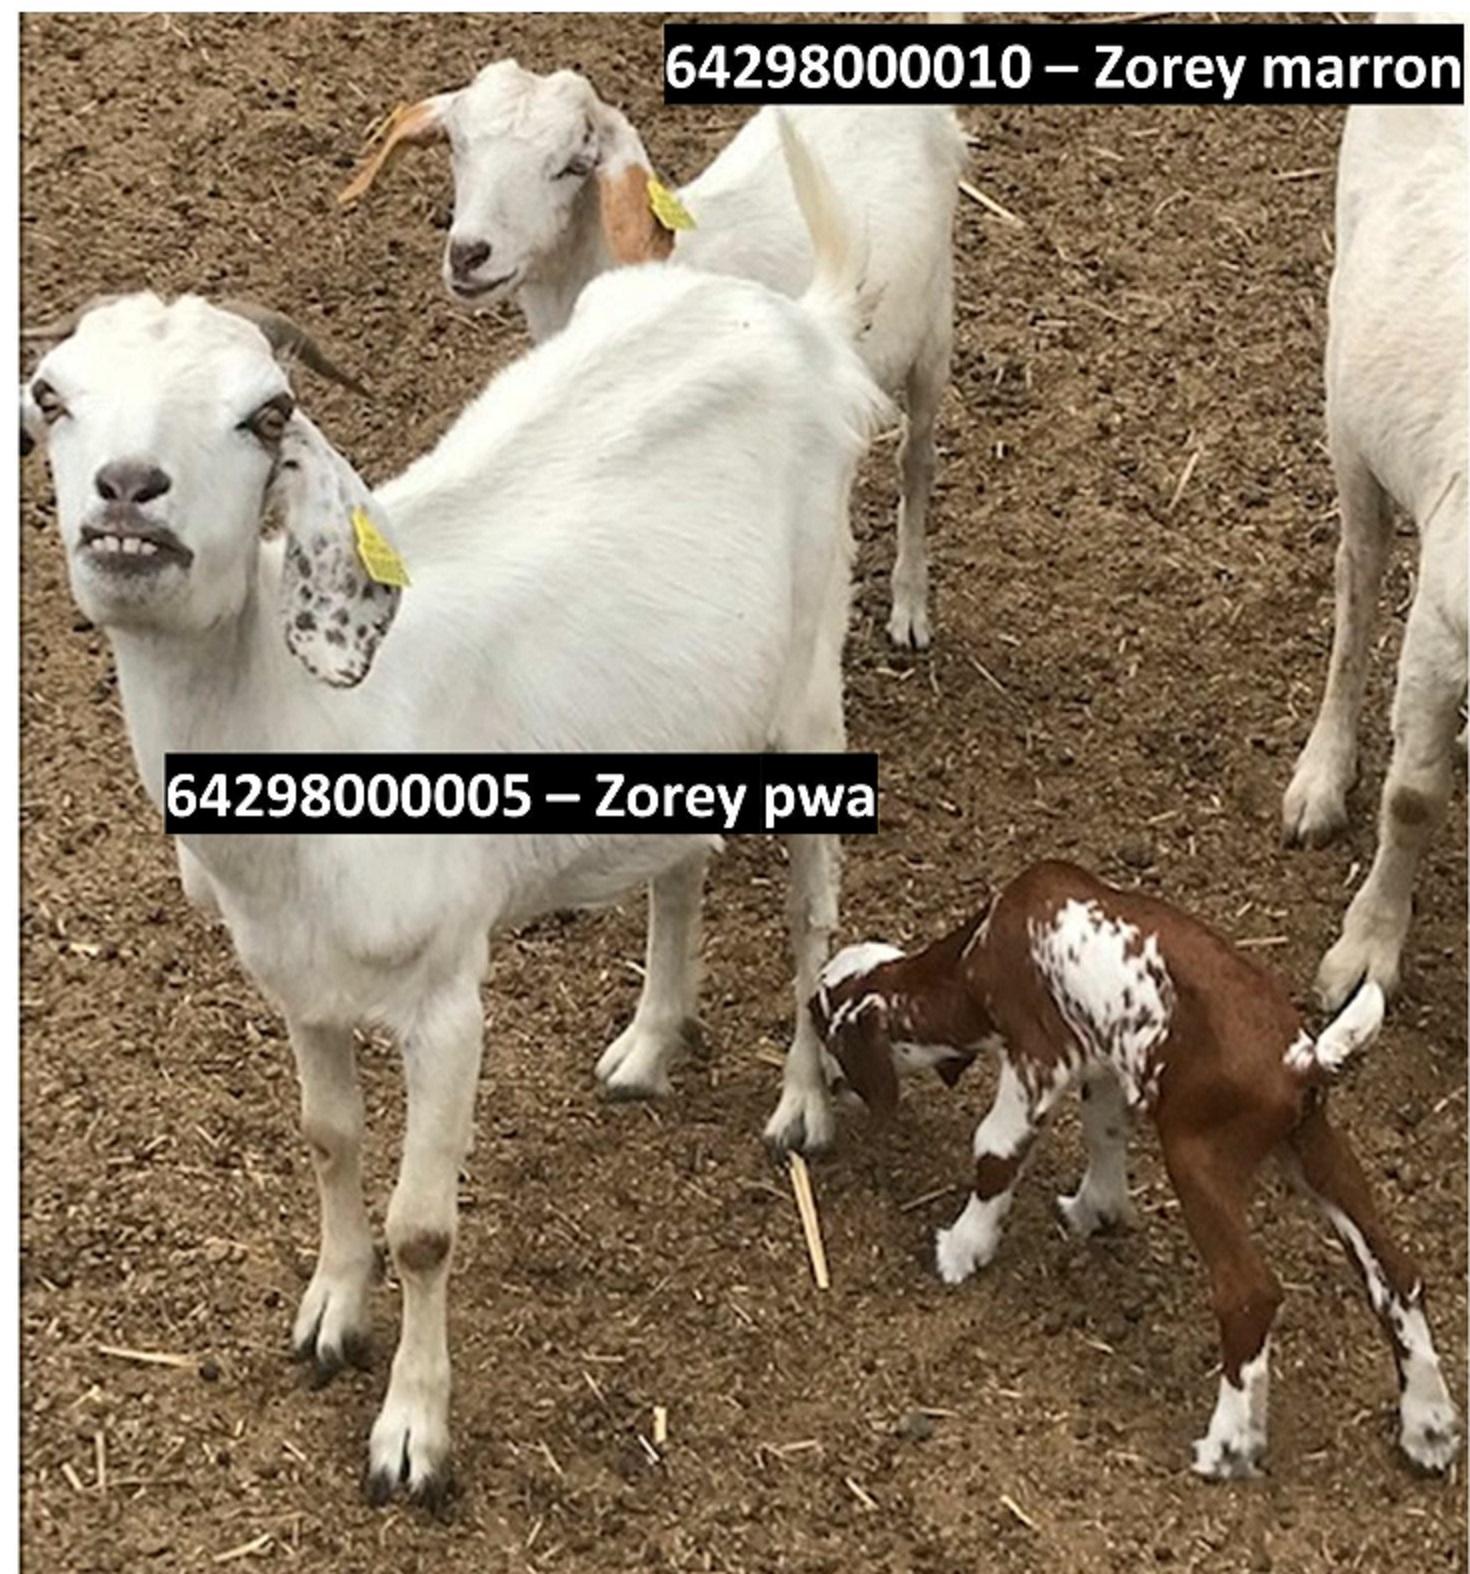 zorey pwa